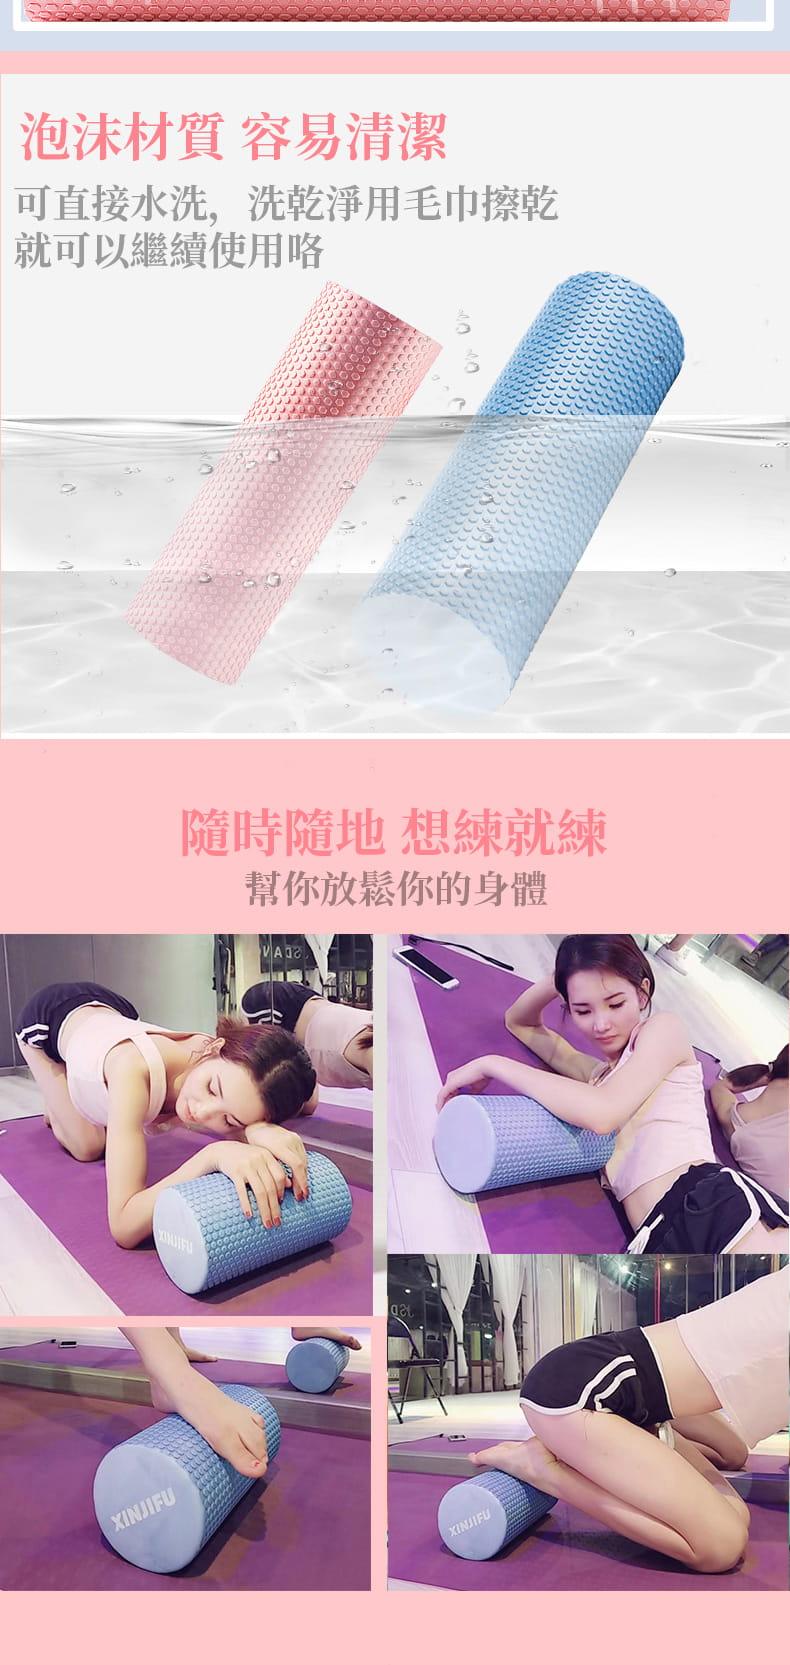 泡沫軸肌肉放松瑜伽柱瘦小腿狼牙棒按摩滾軸部健身器材瑯琊棒滾輪 9